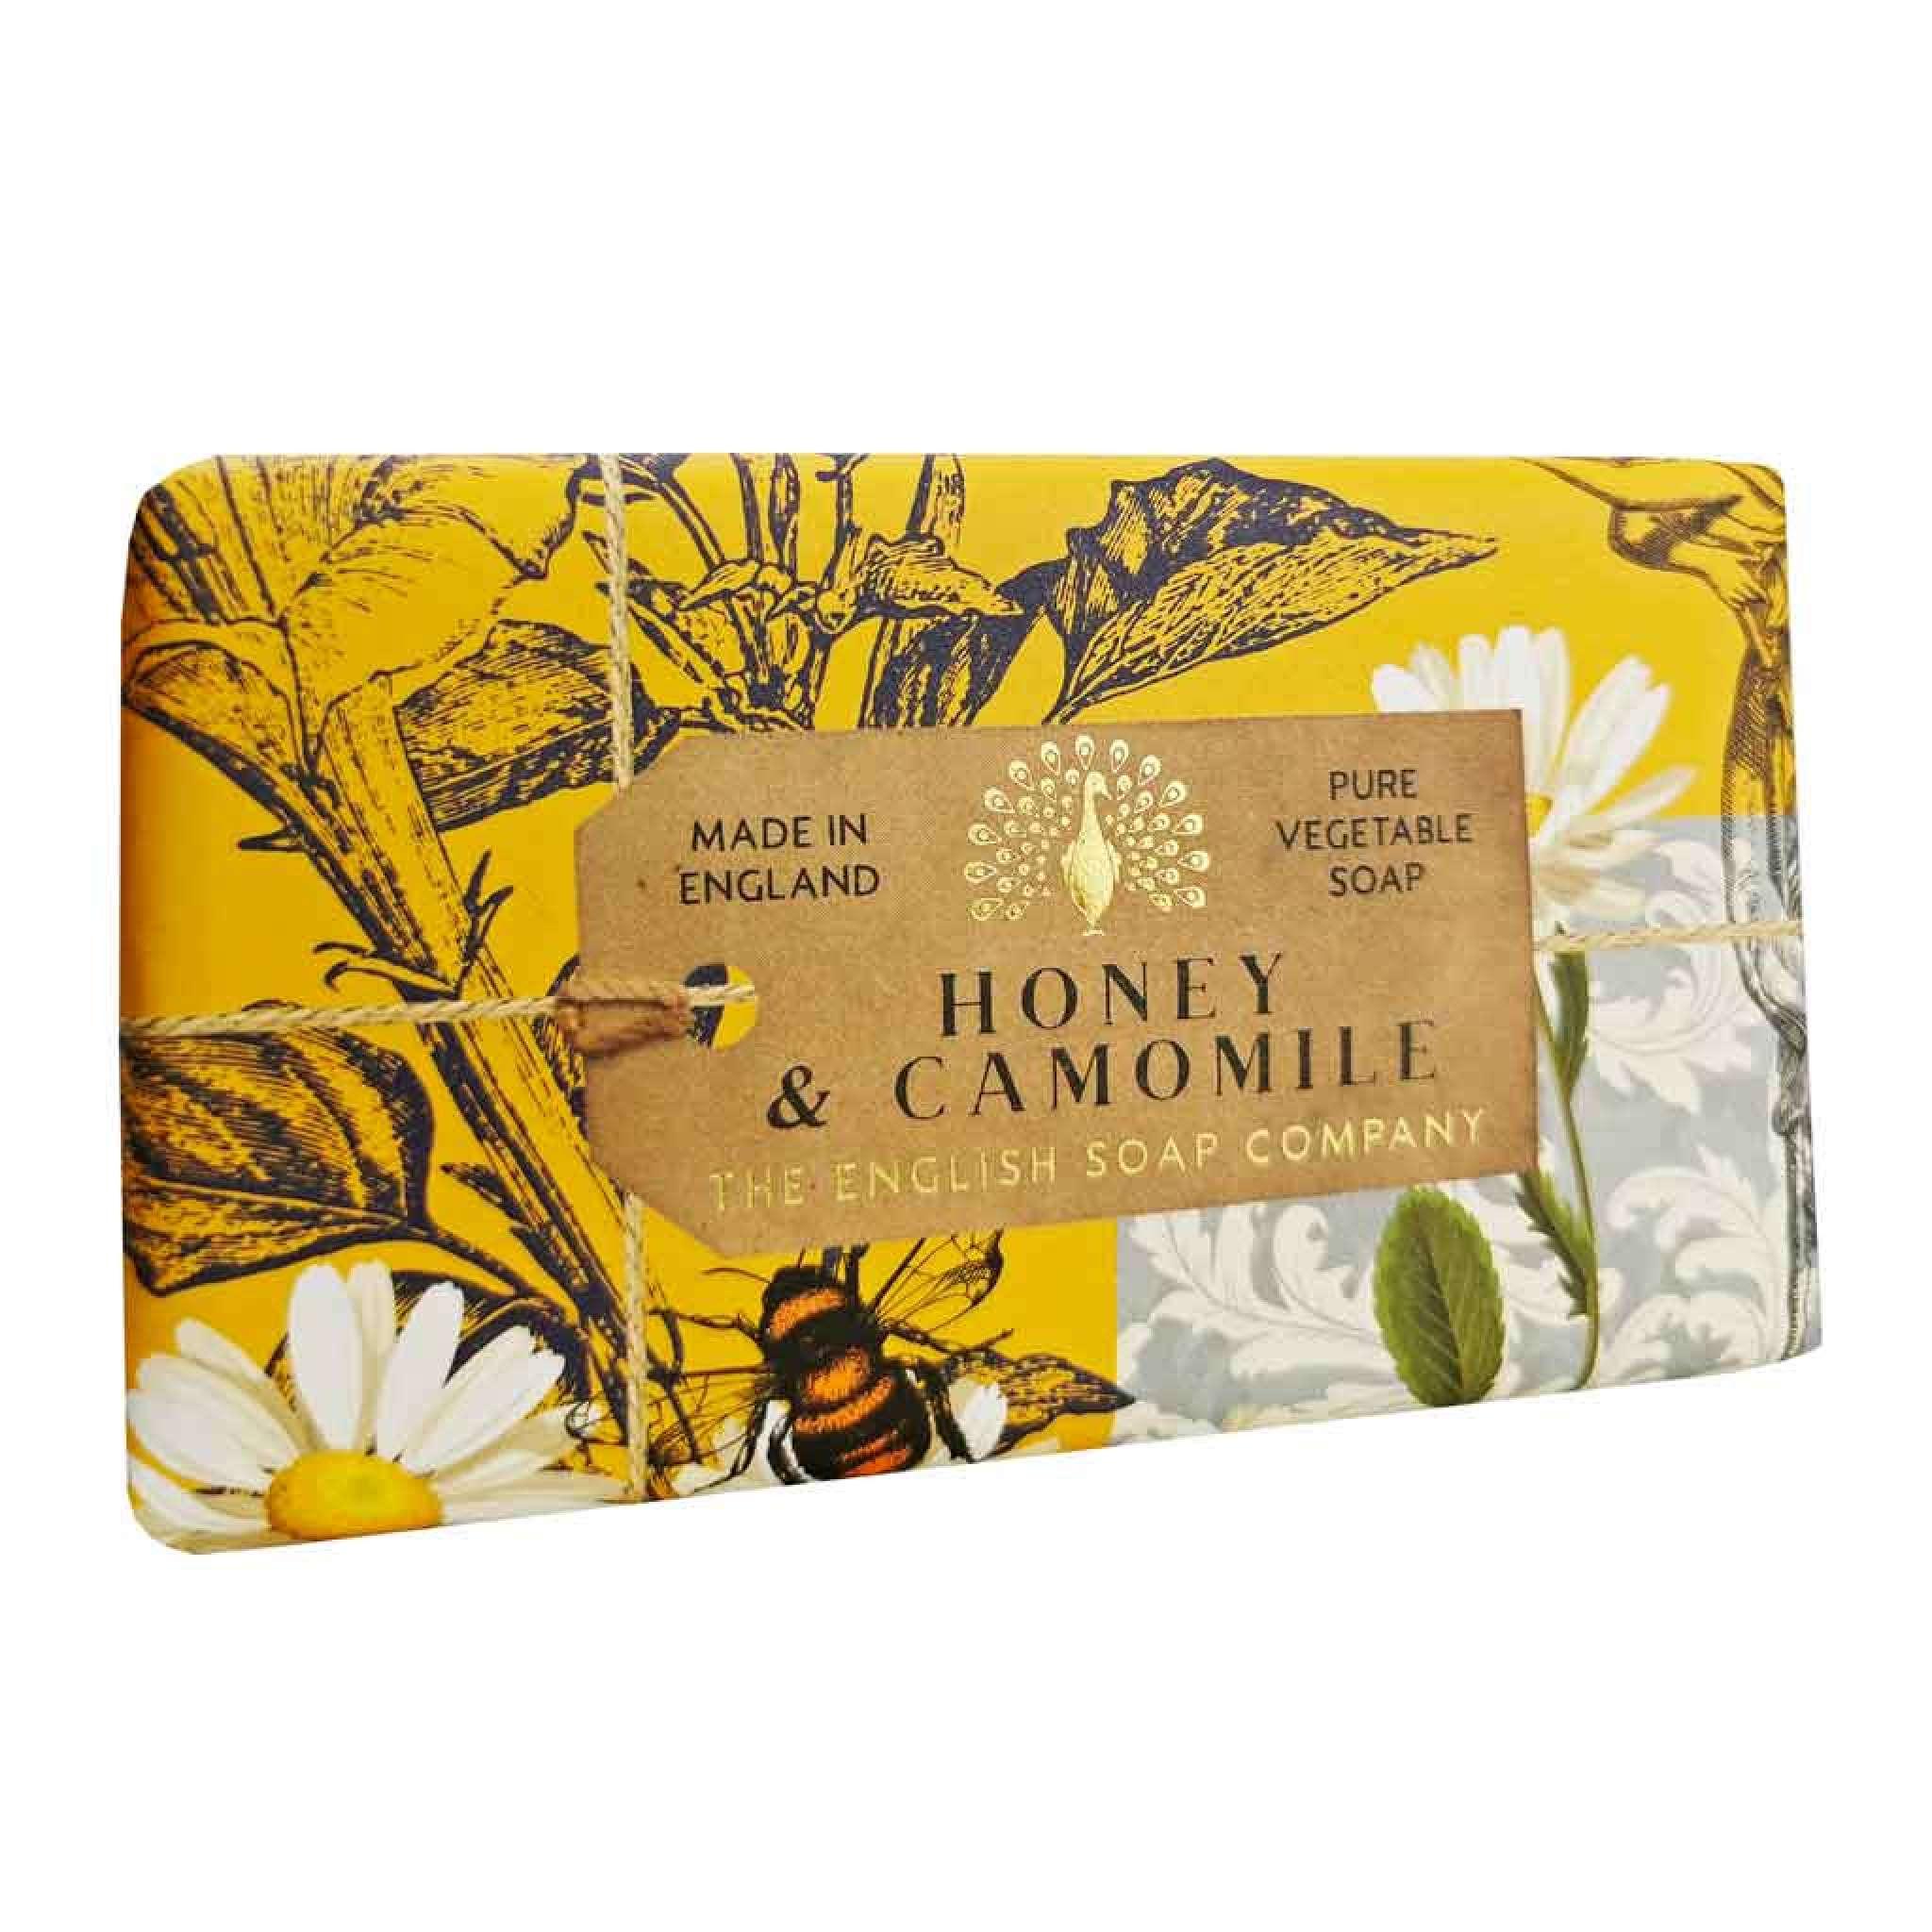 Honey & Camomile Anniversary Saippua